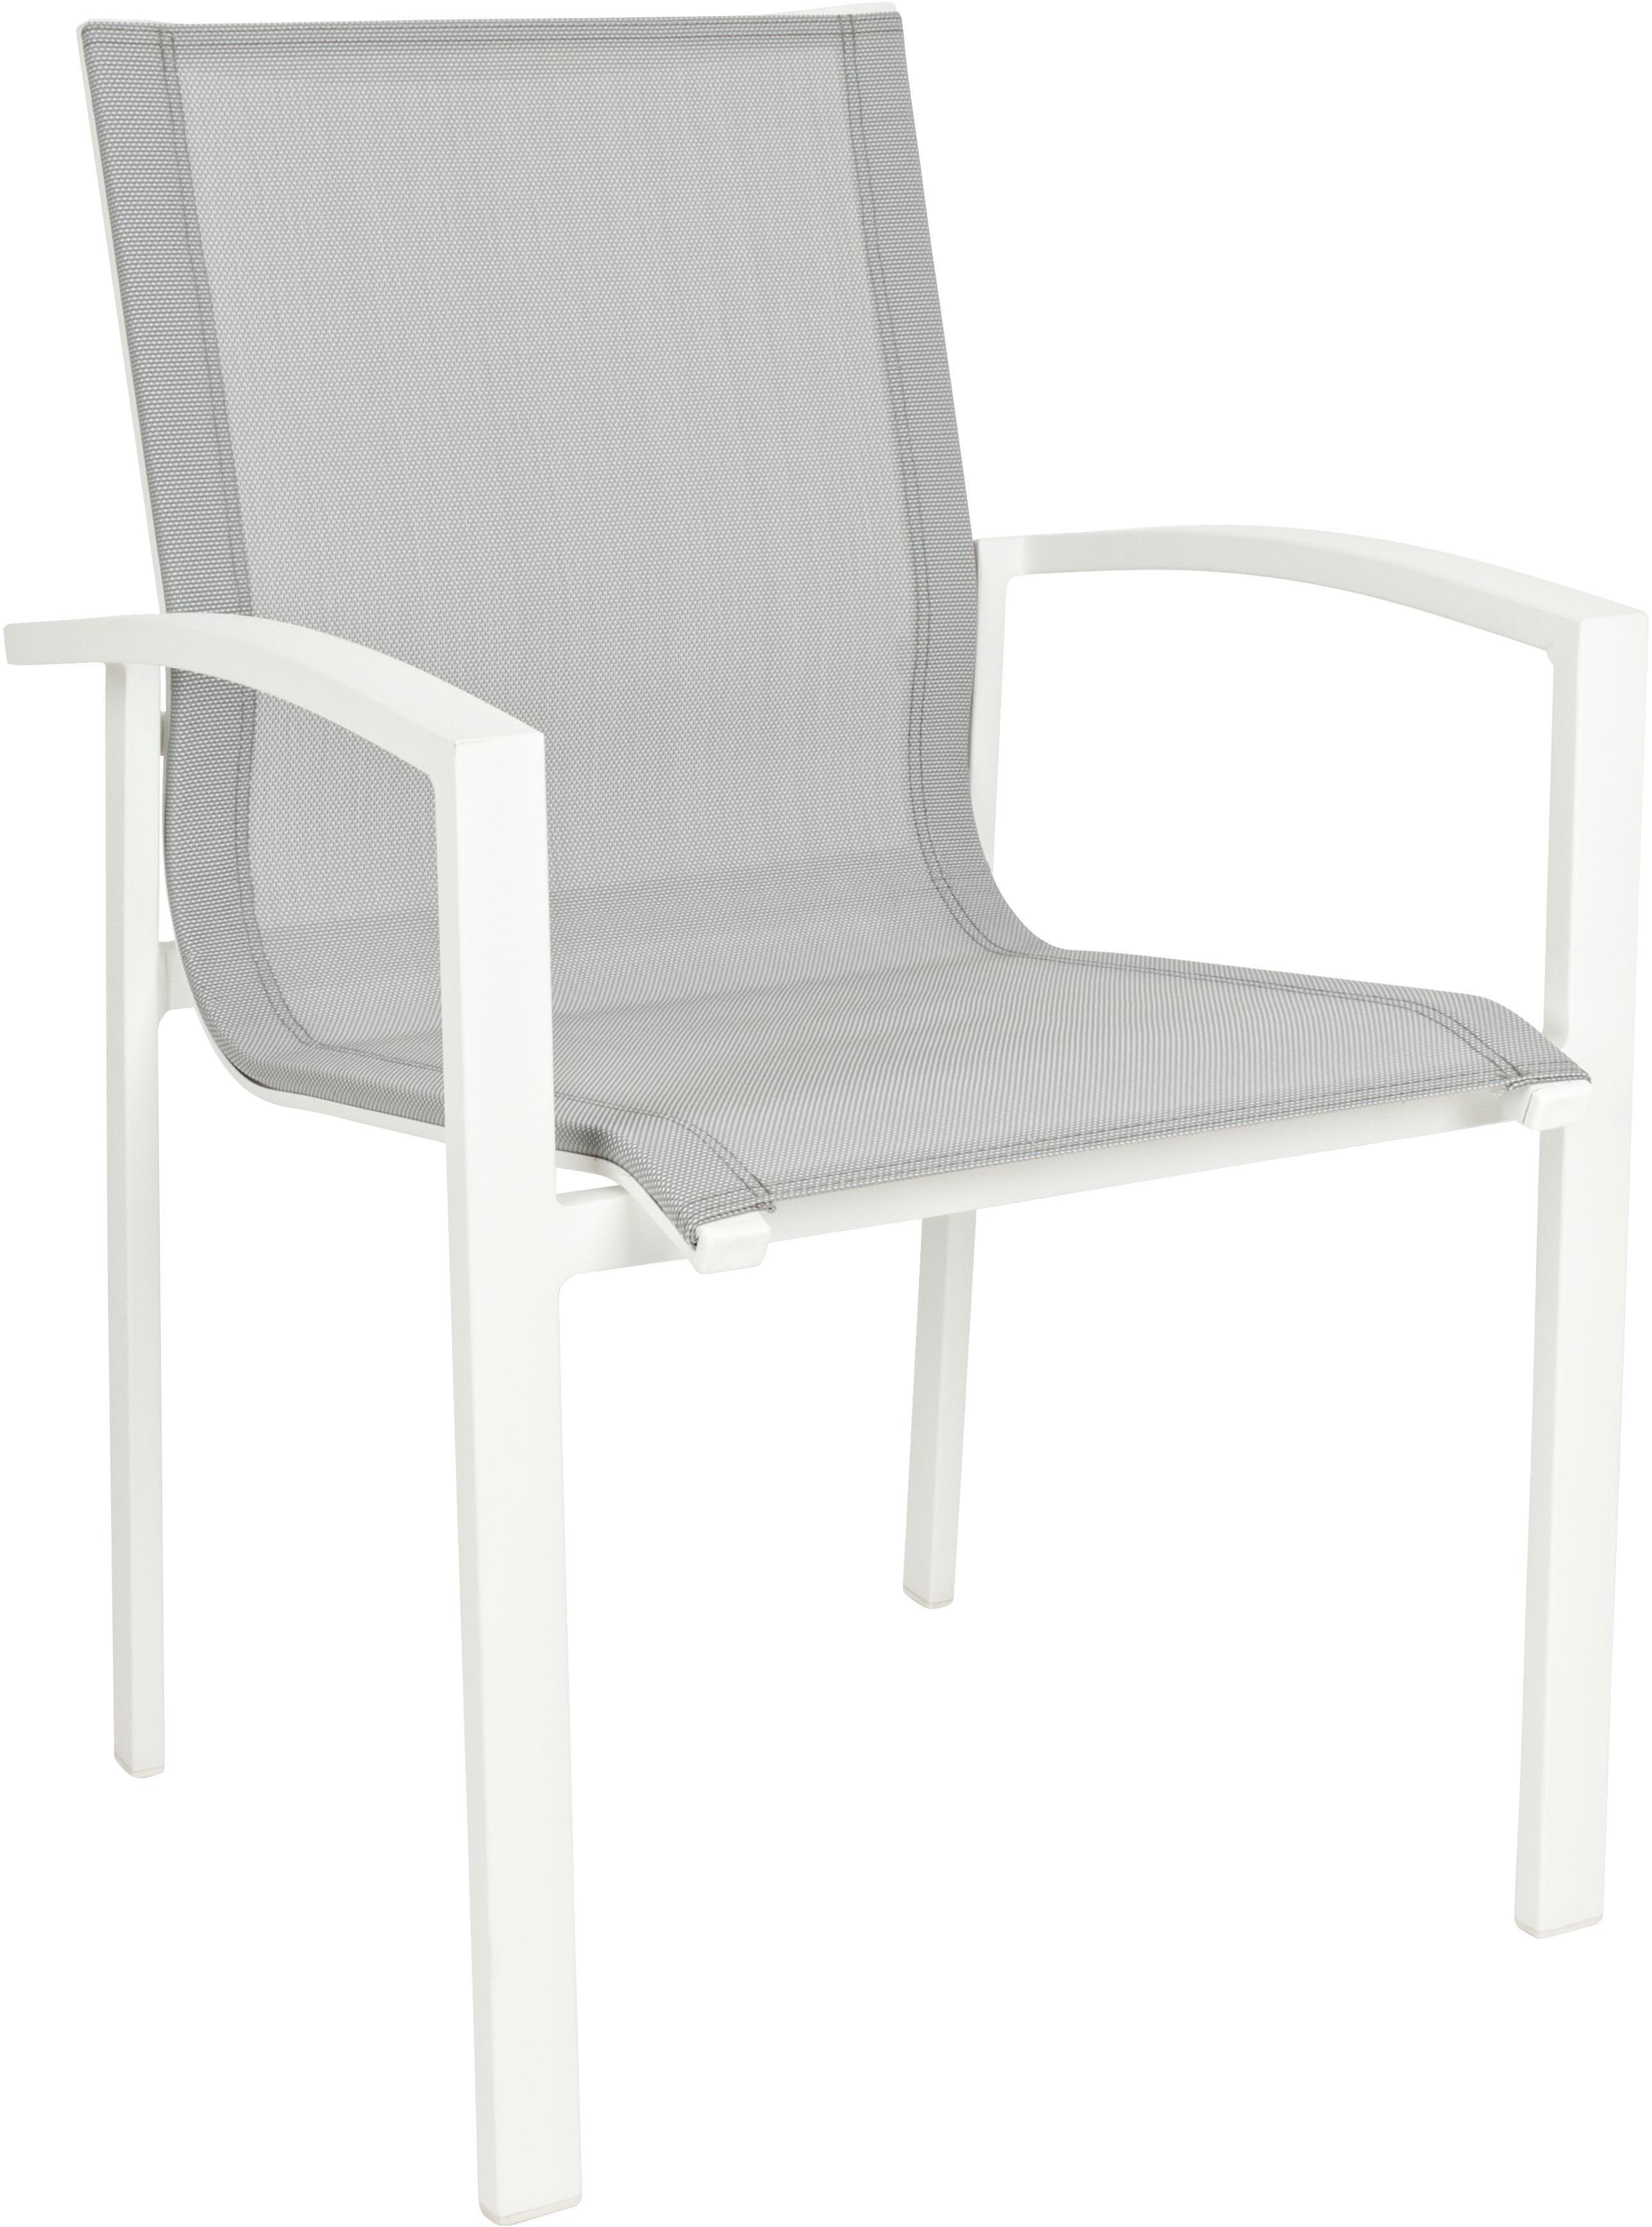 Stapelbarer Garten-Armlehnstuhl Atlantic, Gestell: Aluminium, pulverbeschich, Sitzfläche: Textil, Weiss, Hellgrau, B 60 x T 66 cm